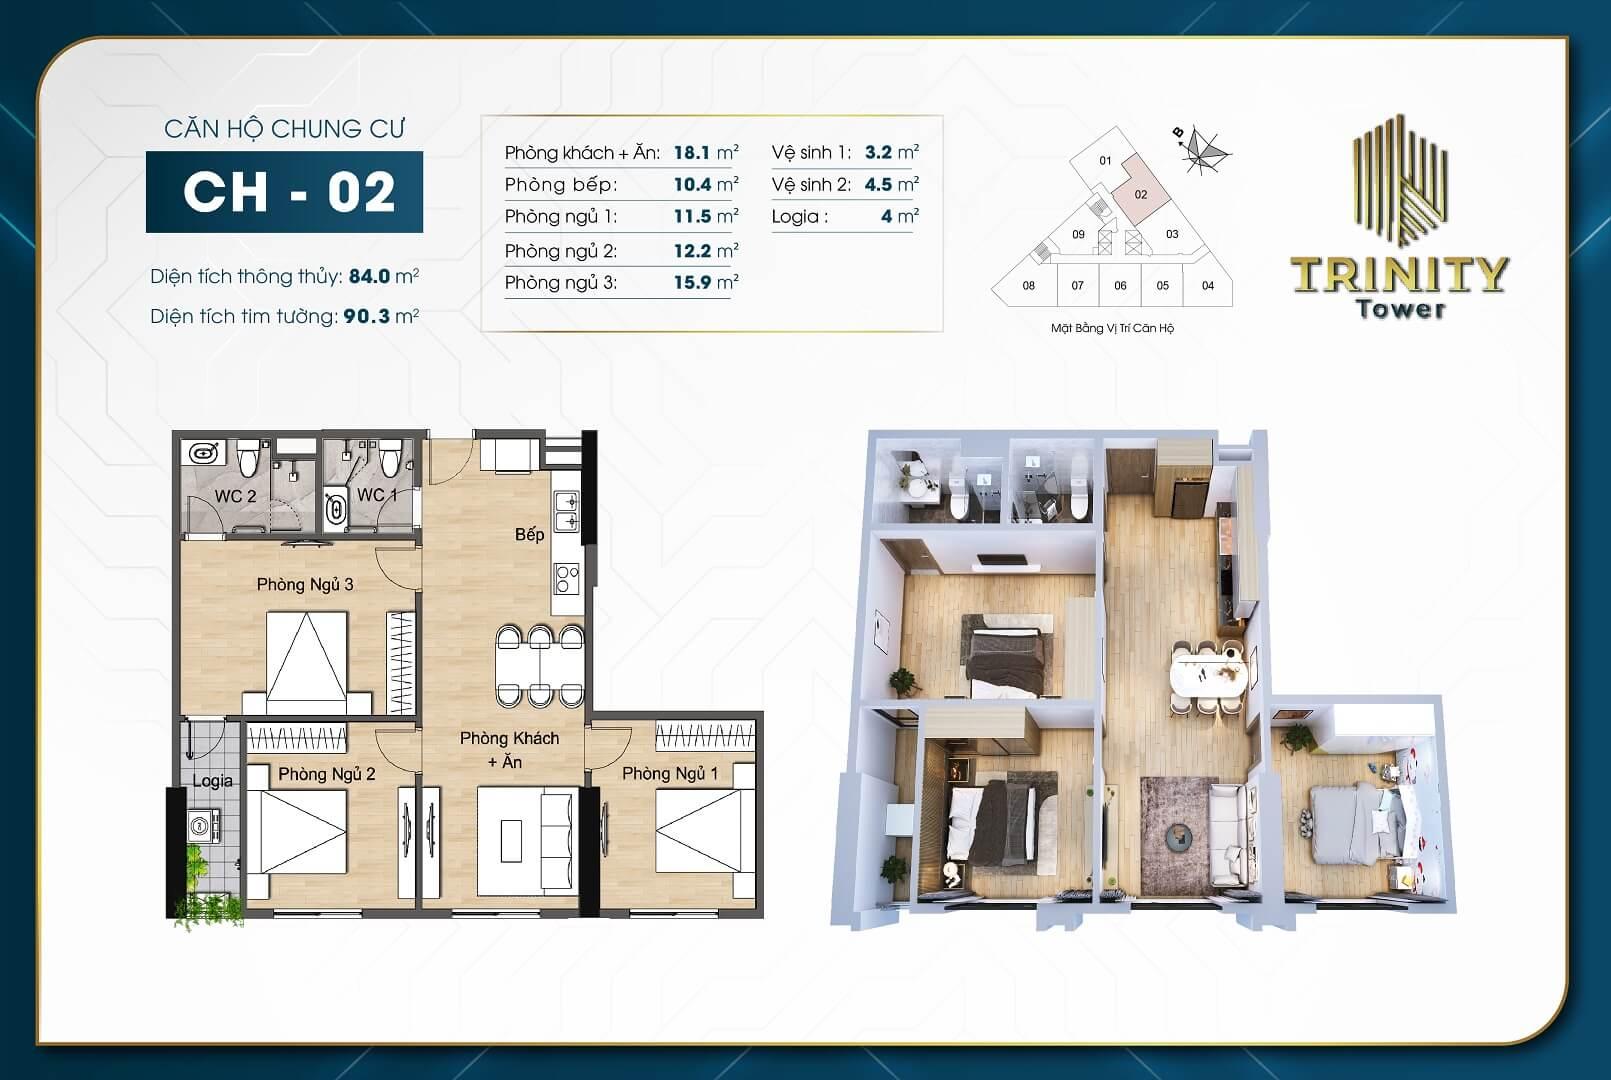 thiết kế chung cư trinity tower căn hộ 02